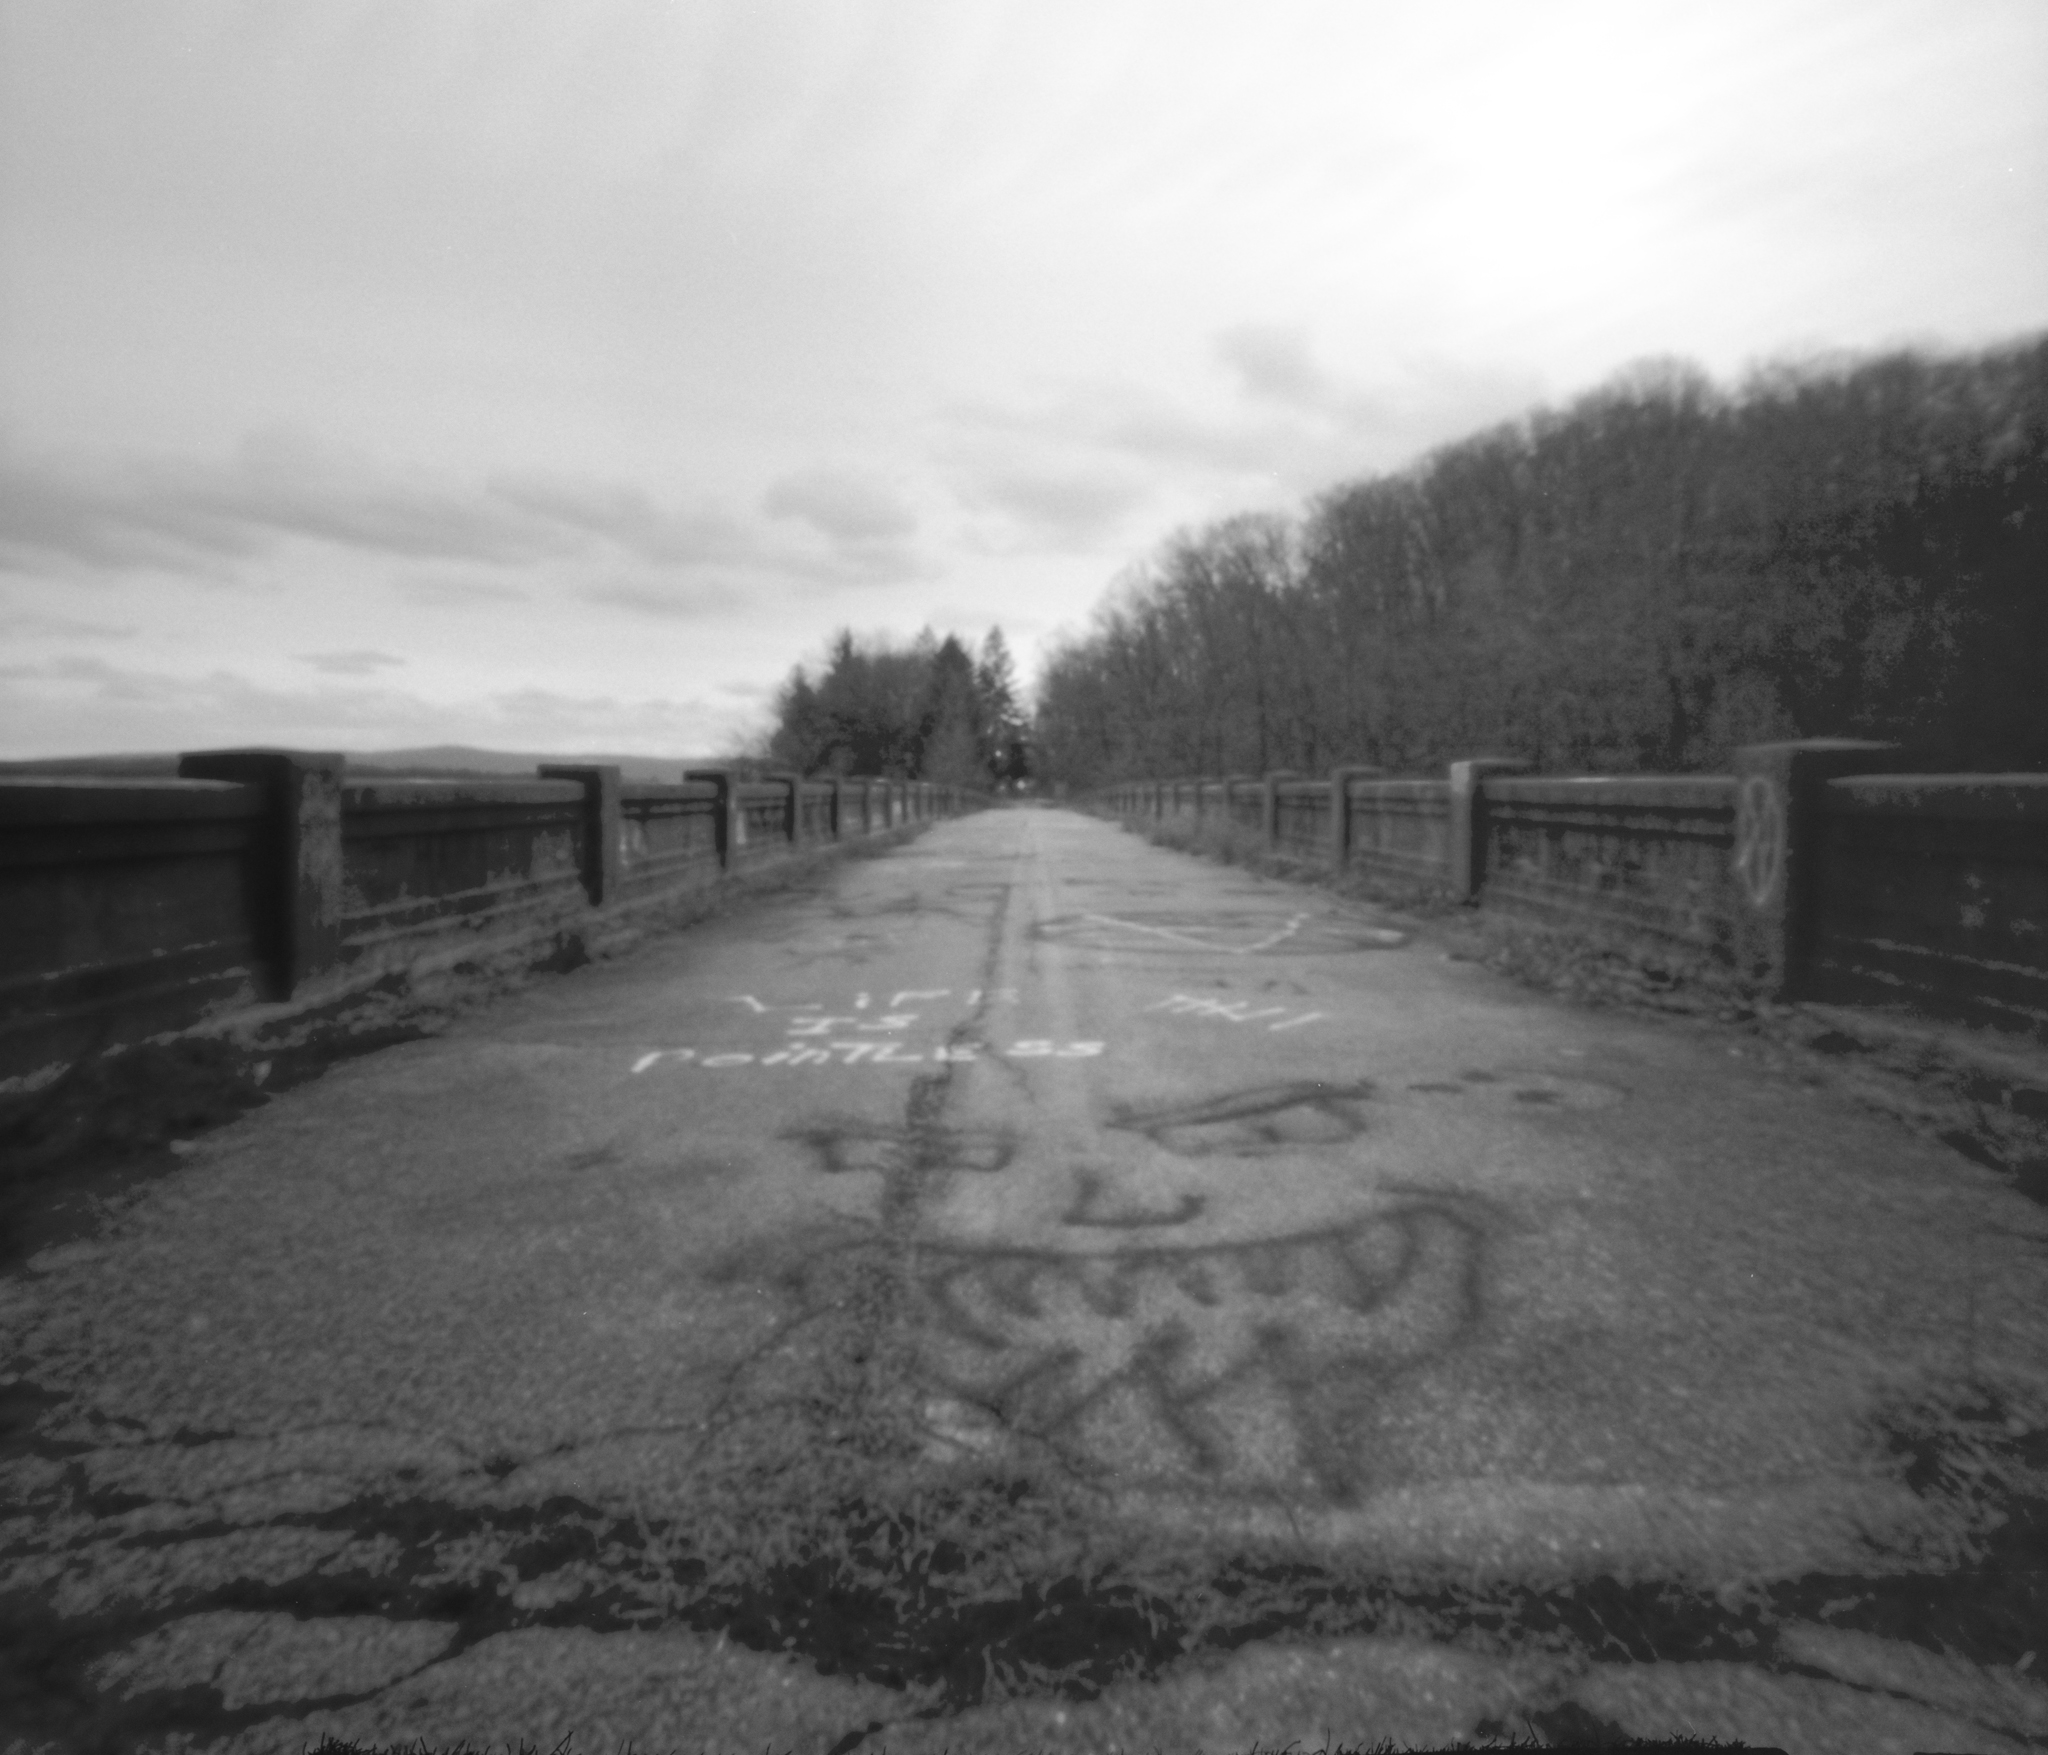 Lake Ontelaunee abandoned West Shore Bridge. Ontelaunee Township, Pennsylvania. Zero Image 6x9 using 6x7 mode.